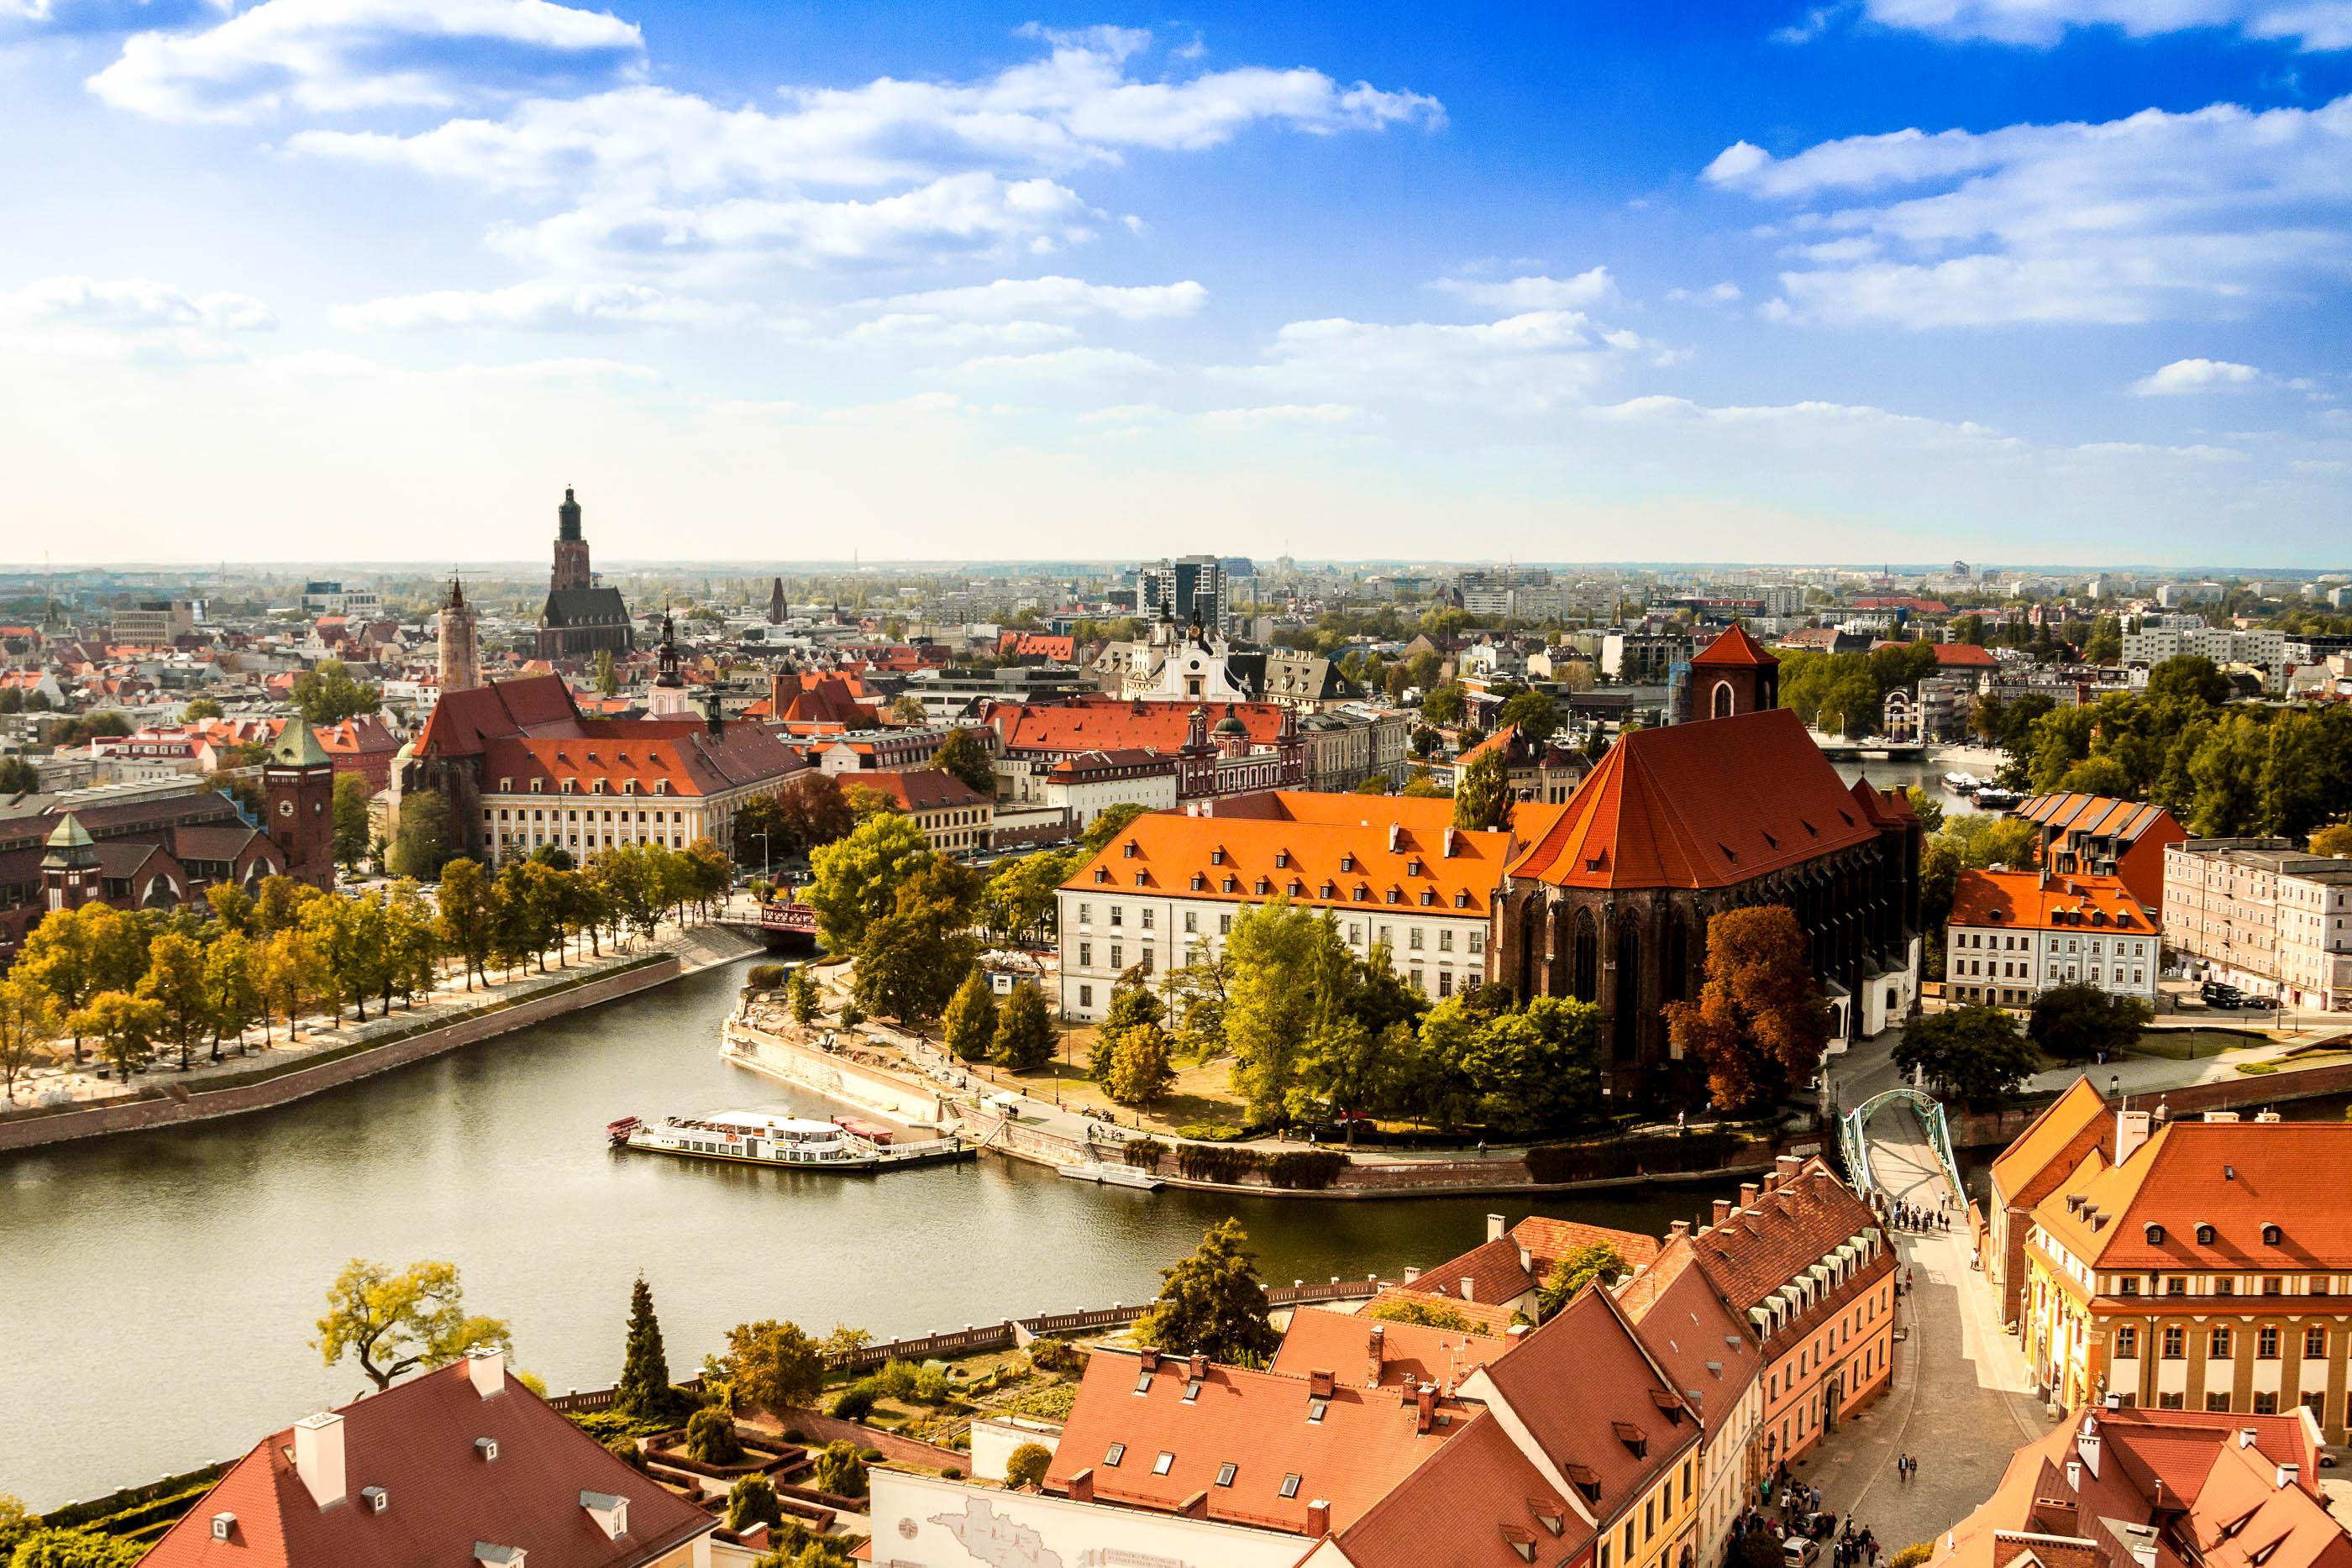 breslavija-yra-vienas-seniausiu-lenkijos-m-secret-world